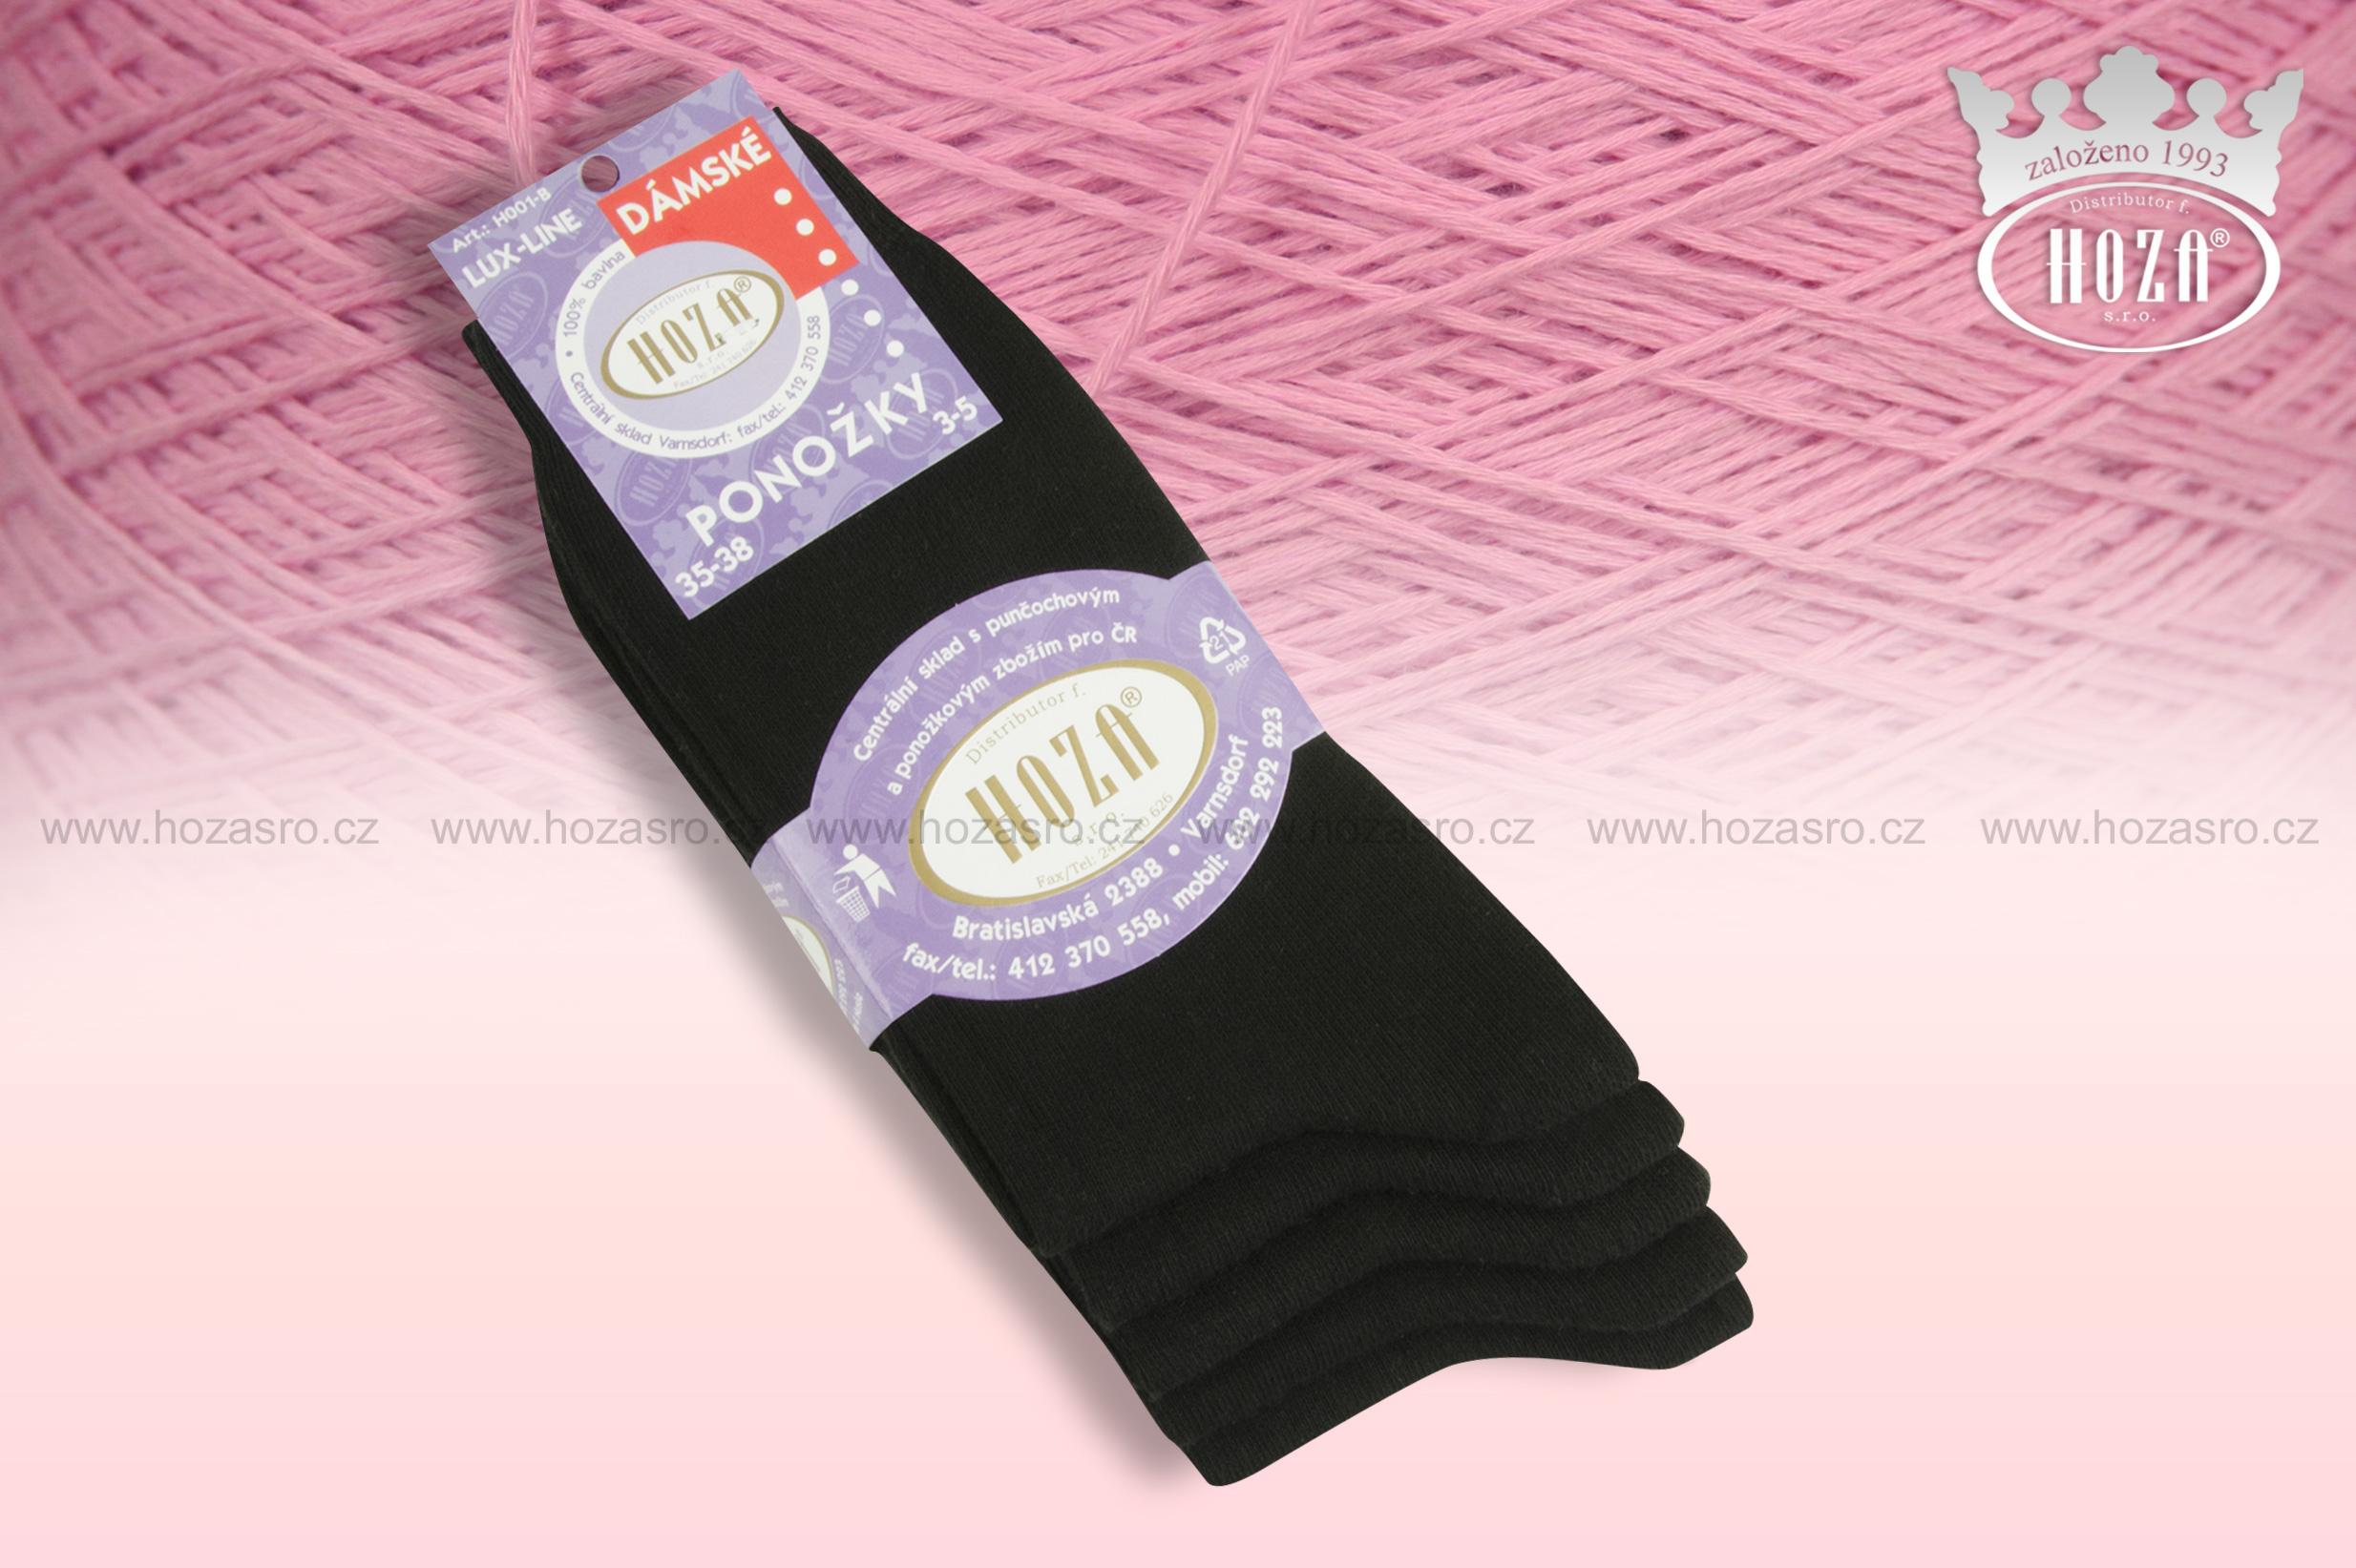 Dámské ponožky hladké, 100% bavlna - černé - H001-B